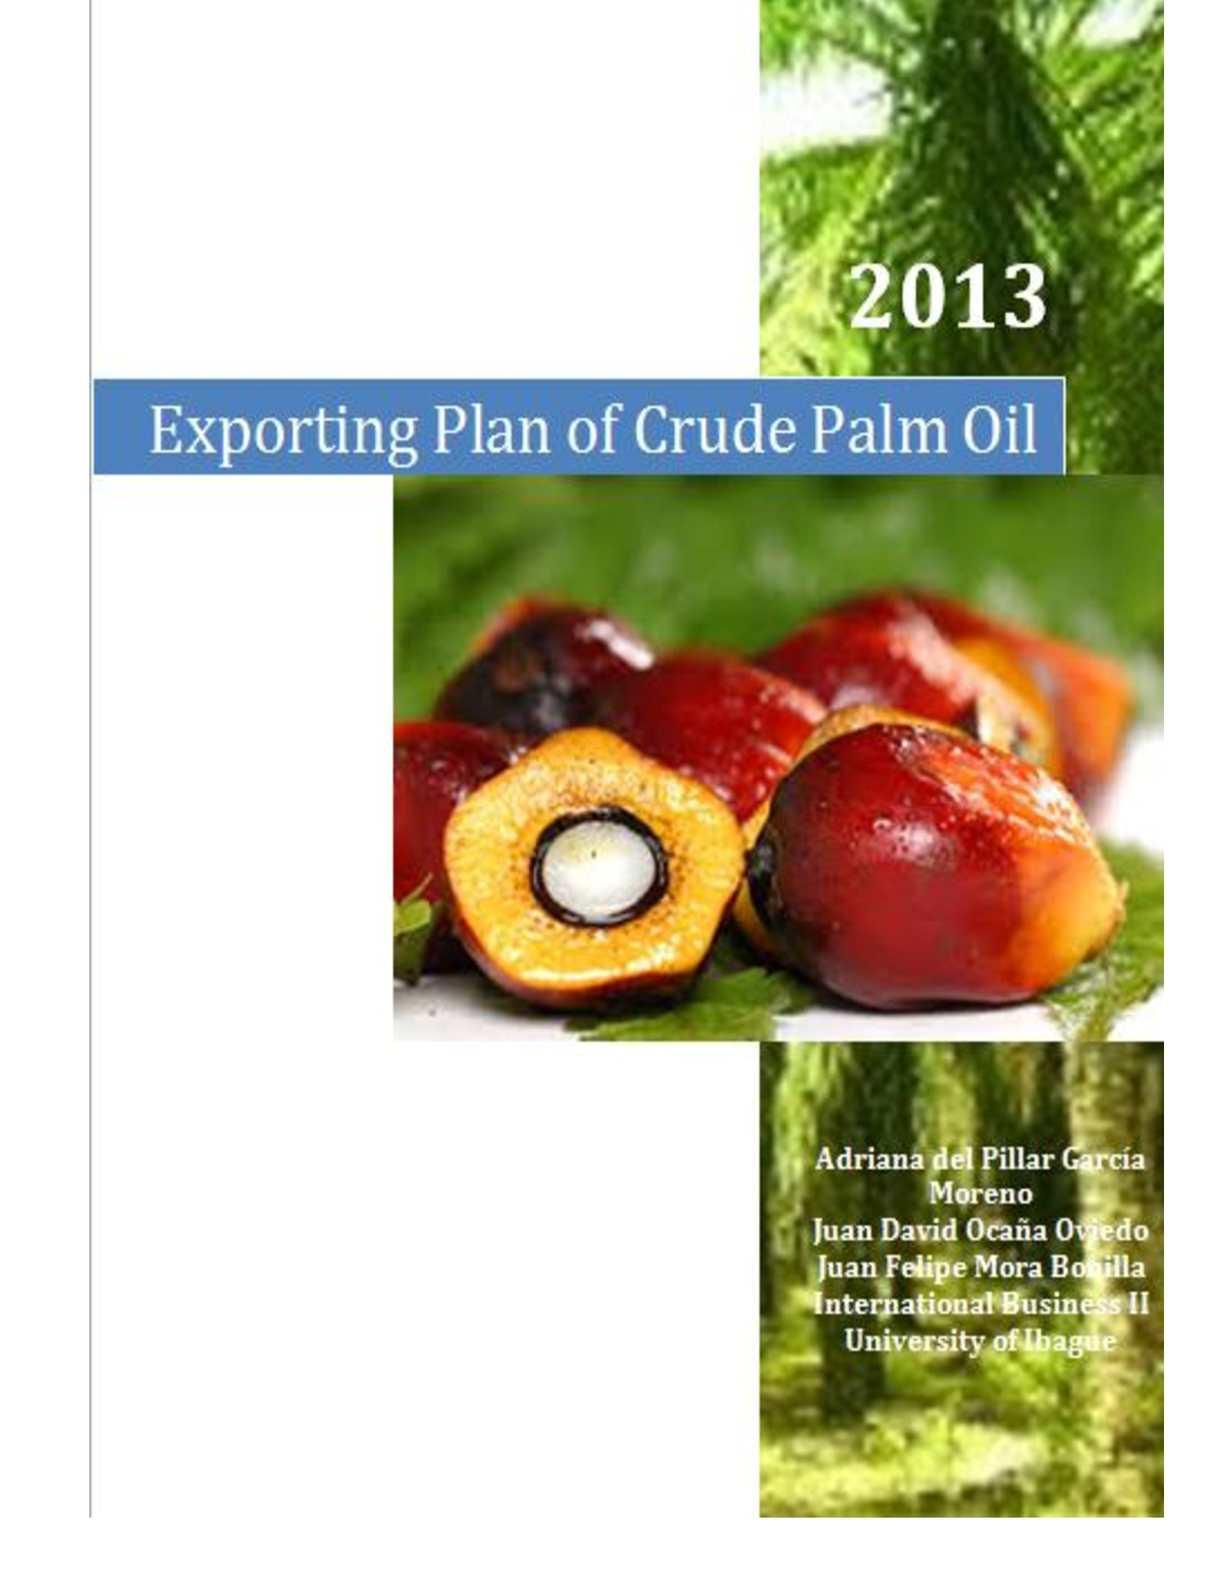 Calaméo - Exporting Plan of Crude Palm Oil